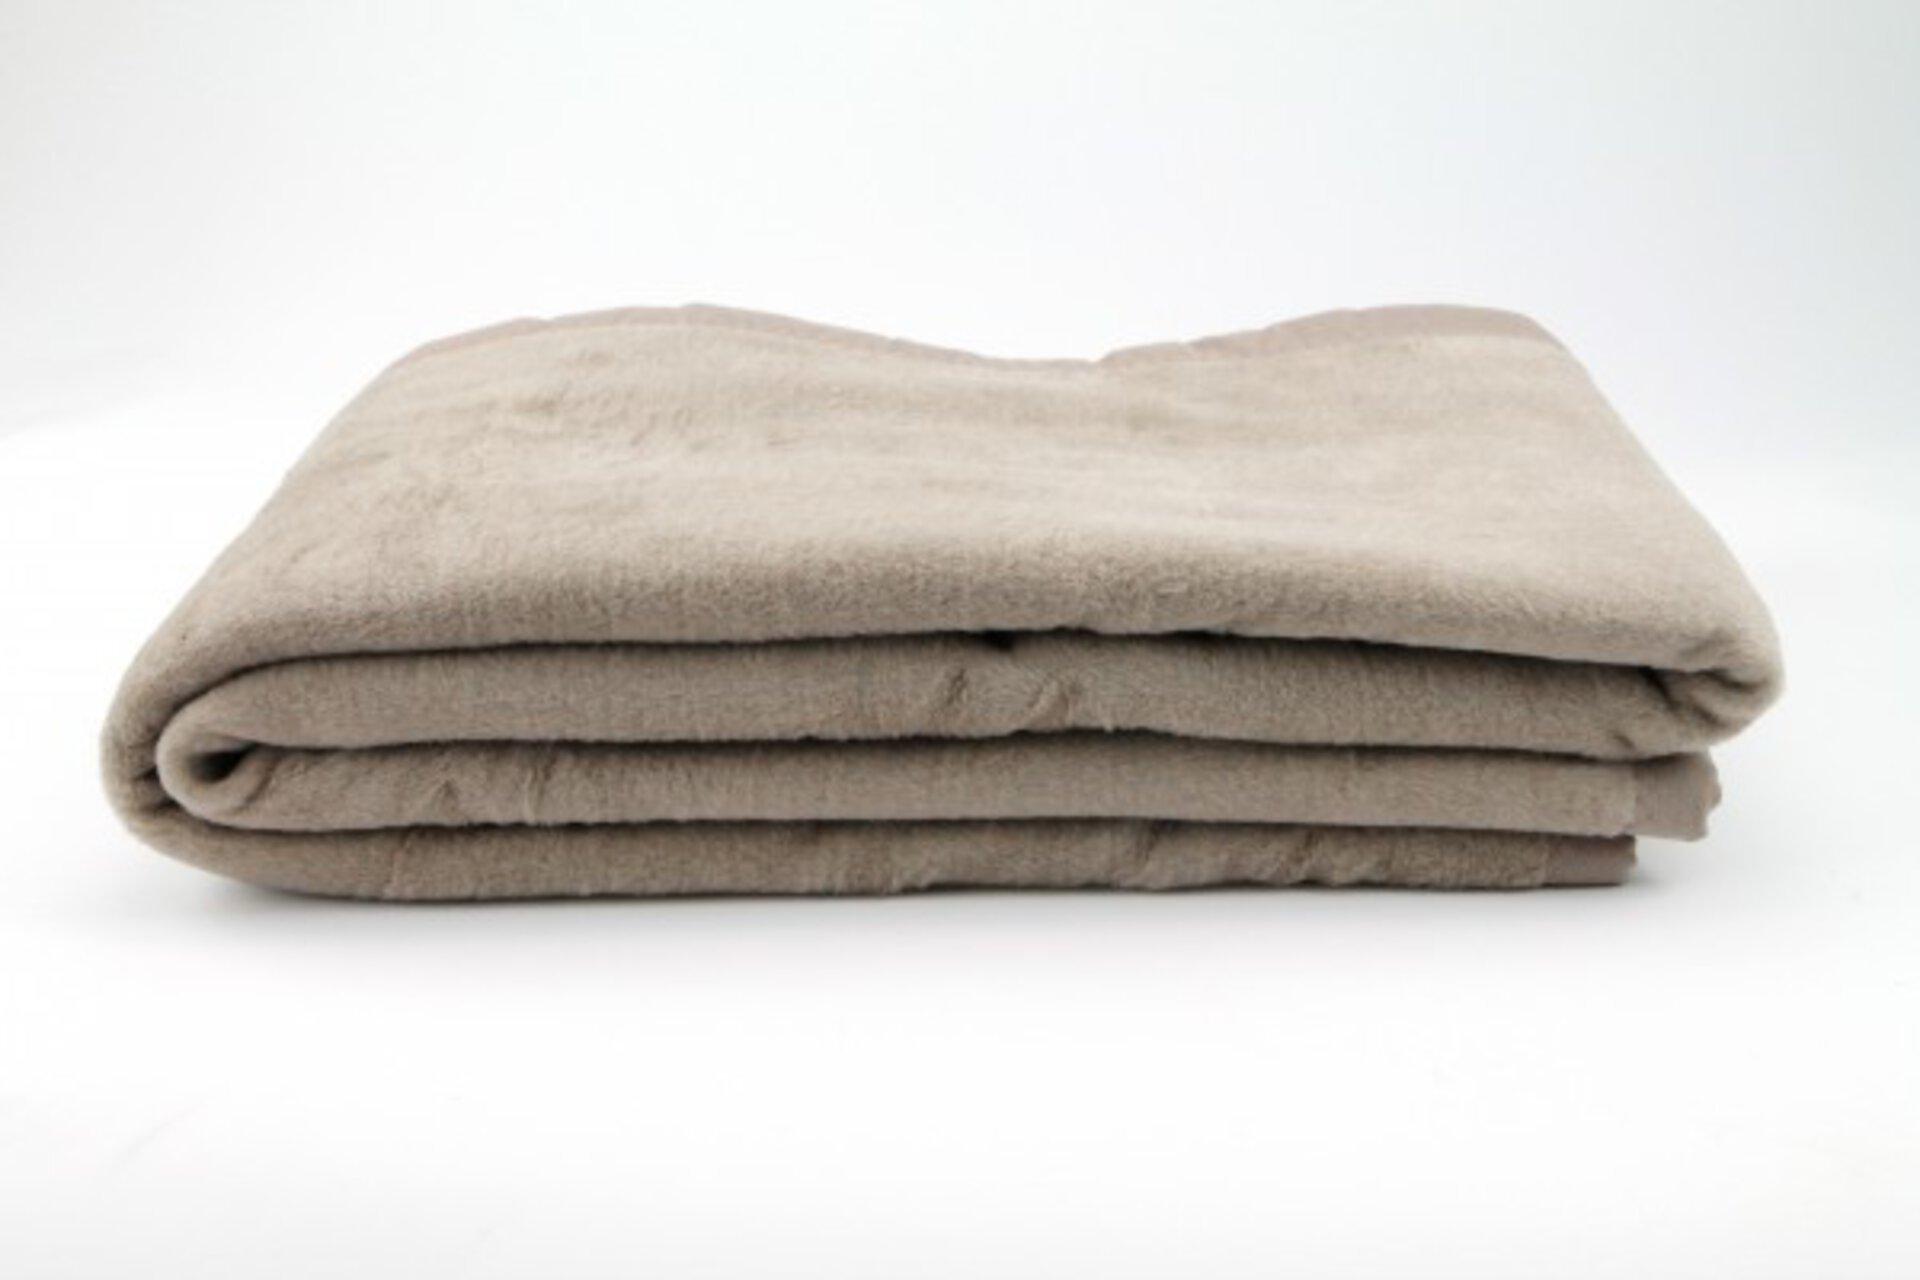 Wohndecke Casa Nova Textil braun 150 x 200 cm